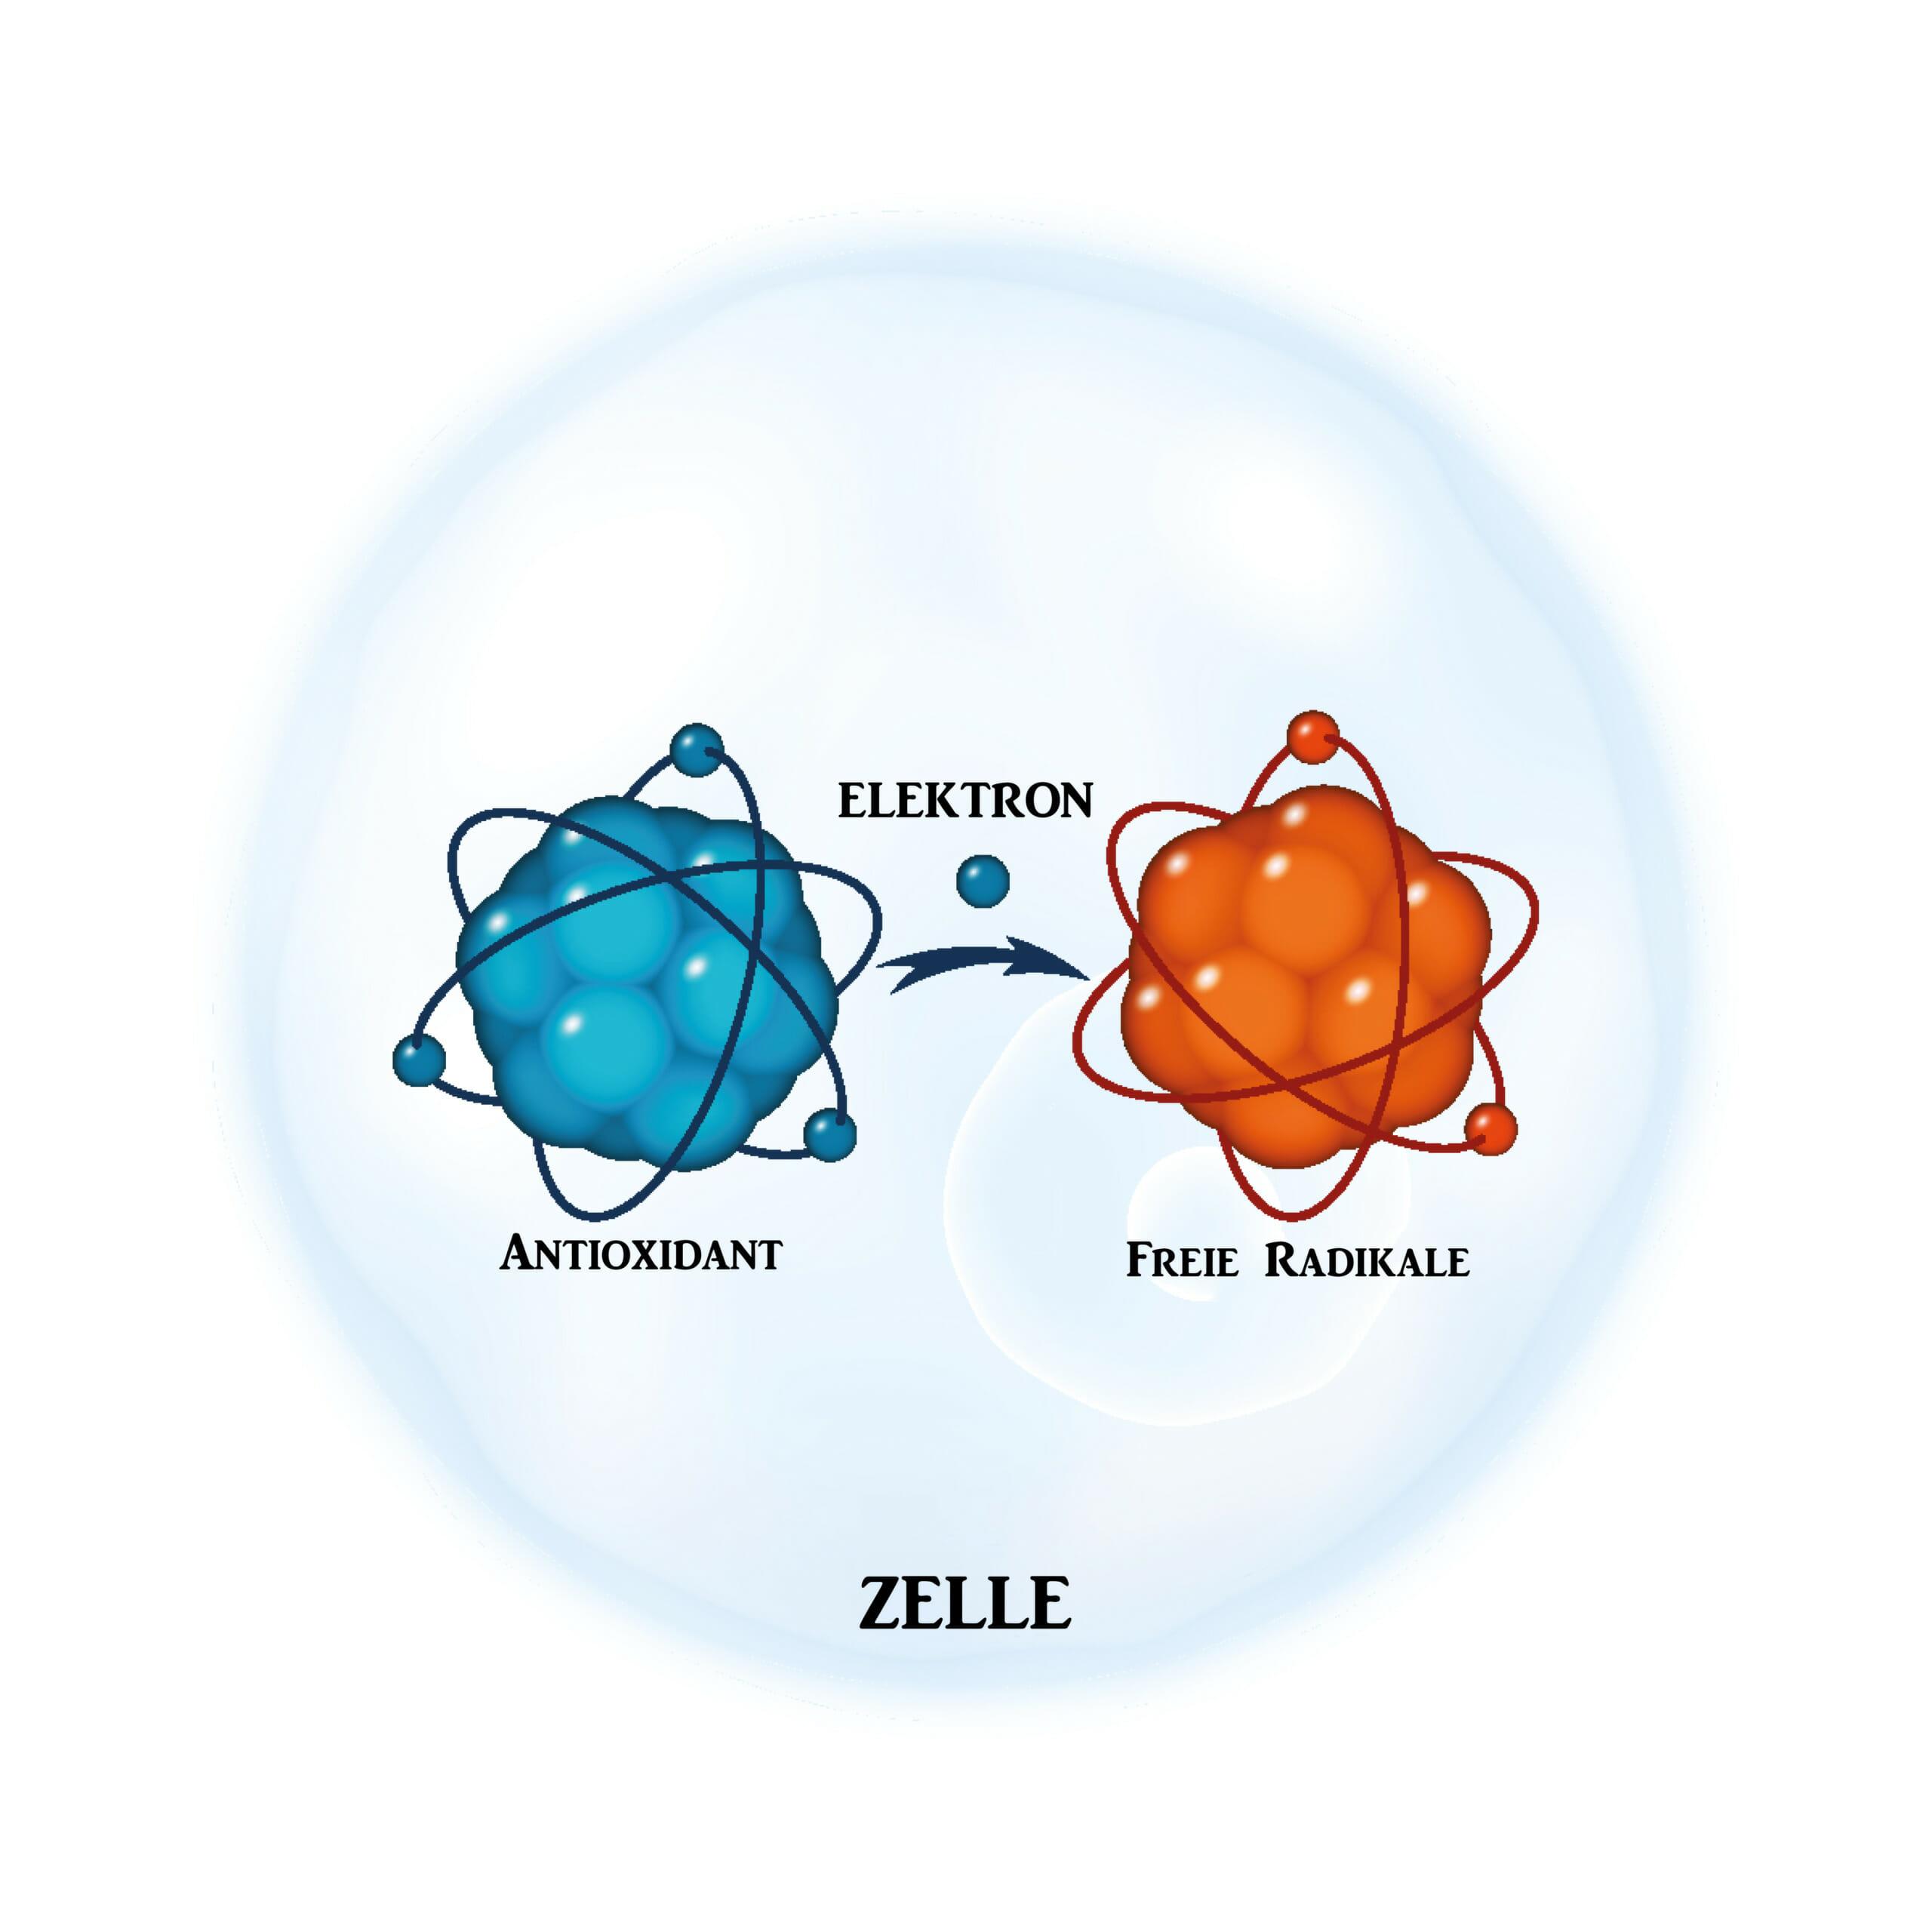 Zelle mit freiem Radikal und Antioxidant